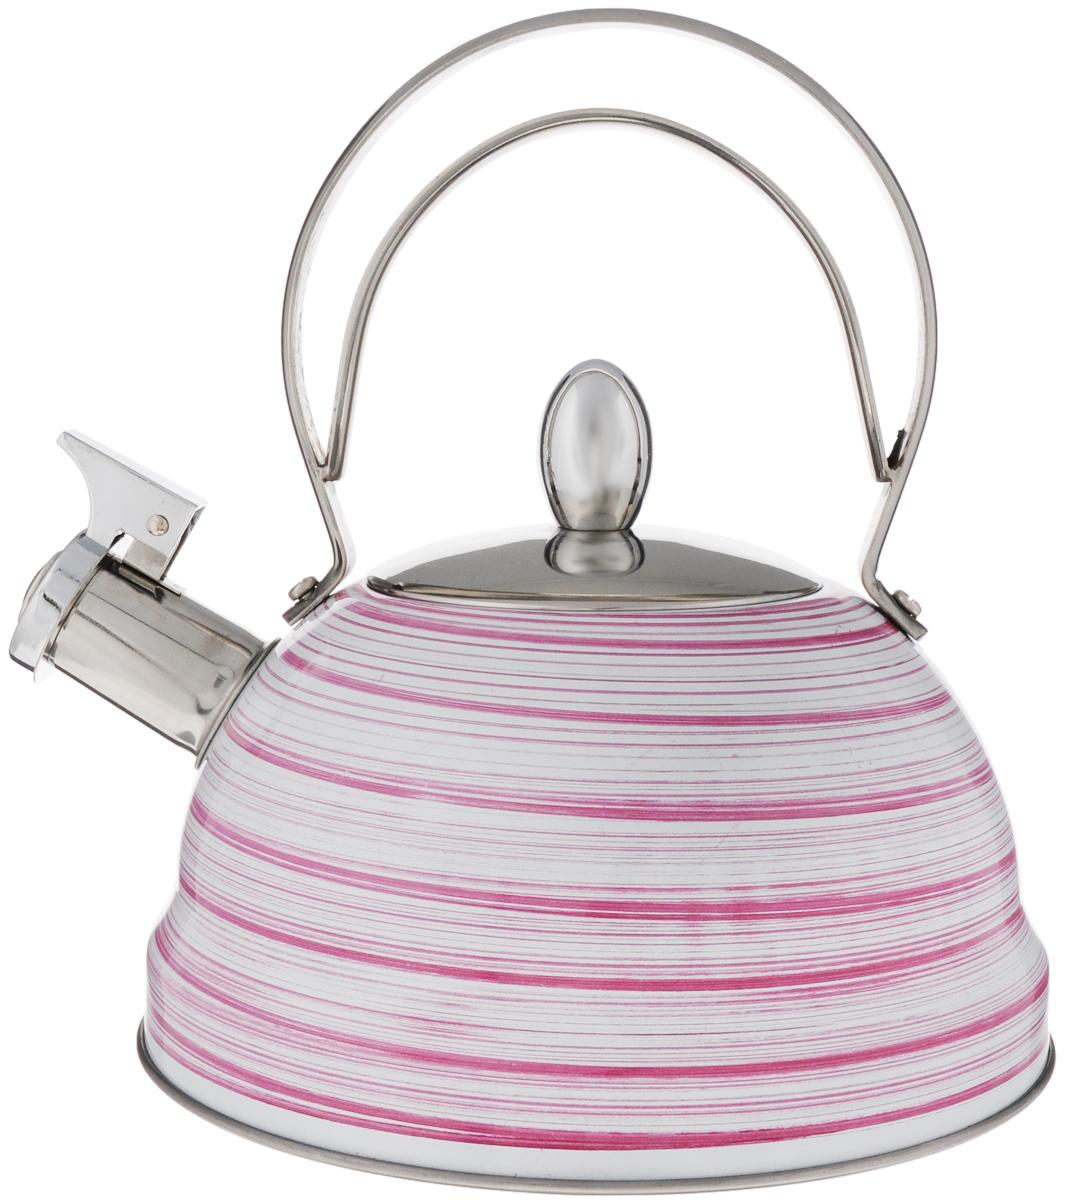 Чайник Mayer & Boch, со свистком, цвет: белый, розовый, стальной, 2,8 л. 2142021420_розовыйЧайник Mayer & Boch выполнен из высококачественной нержавеющей стали, что делает его весьма гигиеничным и устойчивым к износу при длительном использовании. Капсулированное дно с прослойкой из алюминия обеспечивает наилучшее распределение тепла. Носик чайника оснащен насадкой-свистком, звуковой сигнал которого подскажет, когда закипит вода. Фиксированная ручка из нержавеющей стали, делает использование чайника очень удобным и безопасным. Поверхность чайника гладкая, что облегчает уход за ним. Эстетичный и функциональный, с эксклюзивным дизайном, чайник будет оригинально смотреться в любом интерьере. Подходит для всех типов плит, включая индукционные. Можно мыть в посудомоечной машине. Высота чайника (без учета ручки и крышки): 10,5 см. Высота чайника (с учетом ручки и крышки): 23 см. Диаметр чайника (по верхнему краю): 10 см.